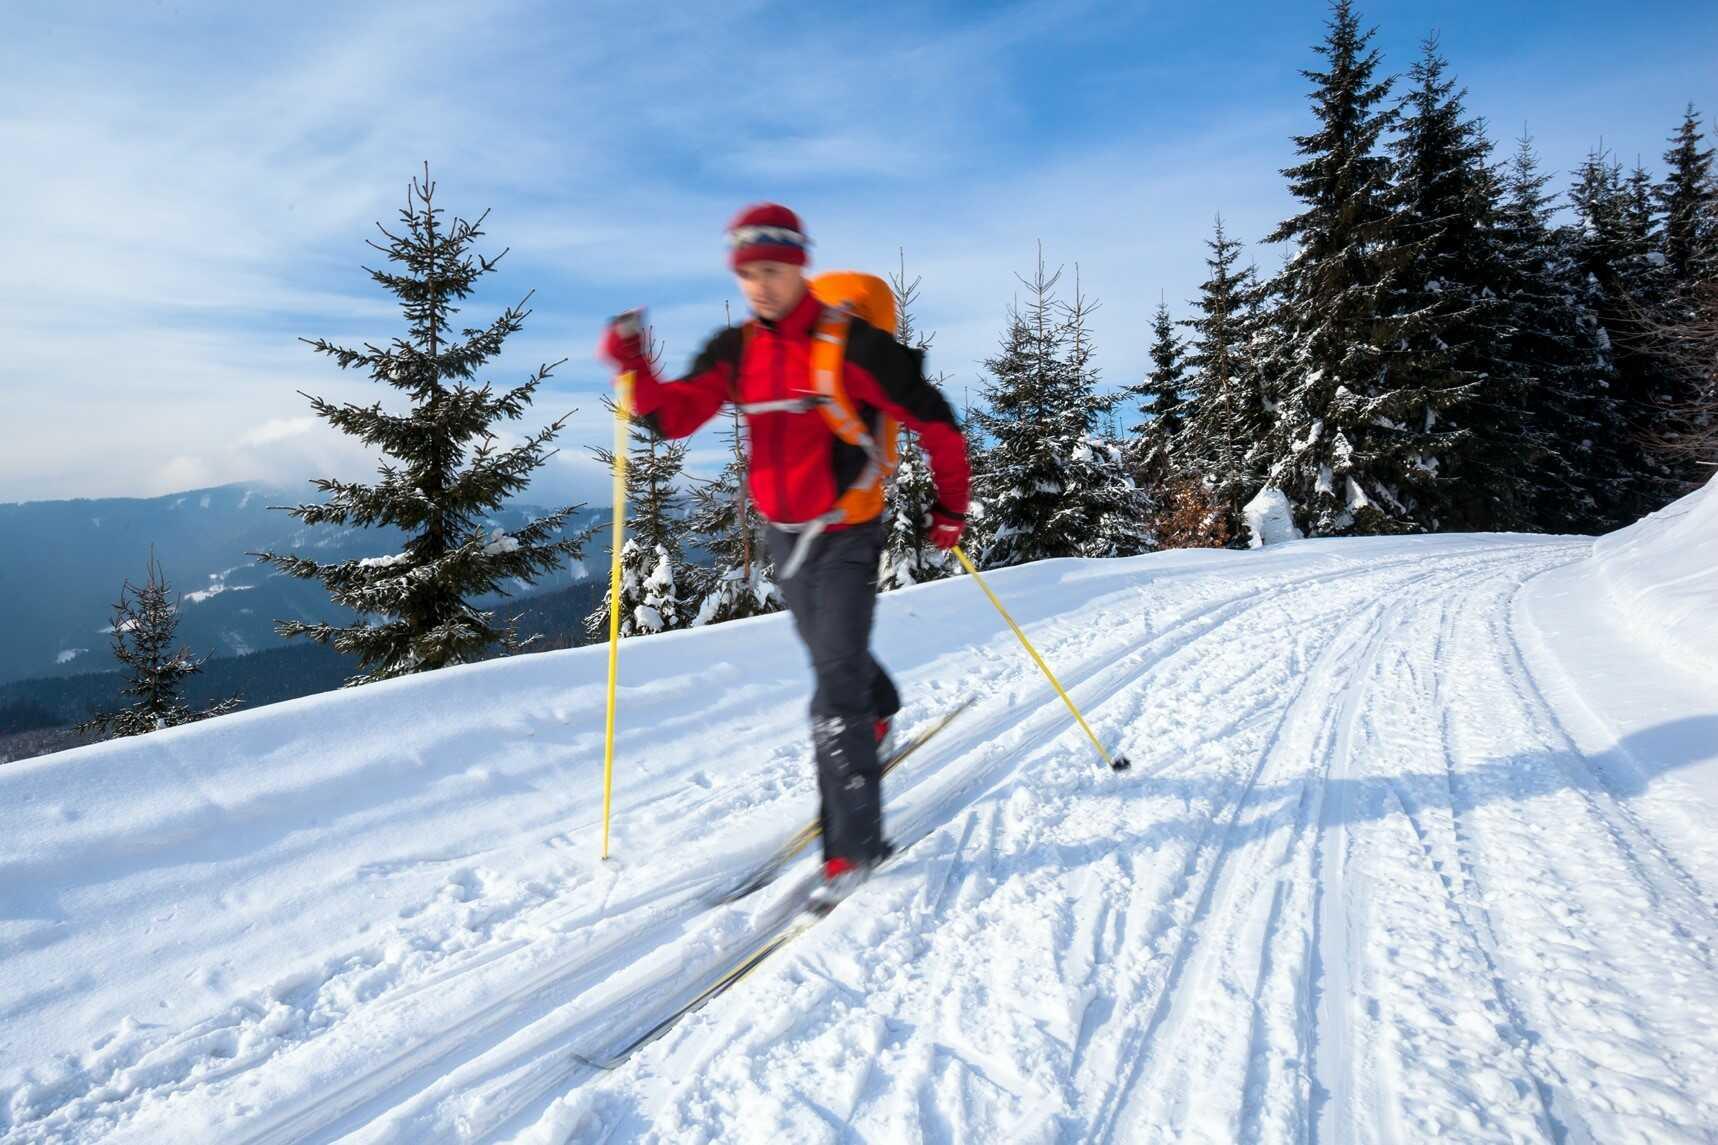 Hoạt động trượt tuyết trên dãy núi Troodos vào mùa đông